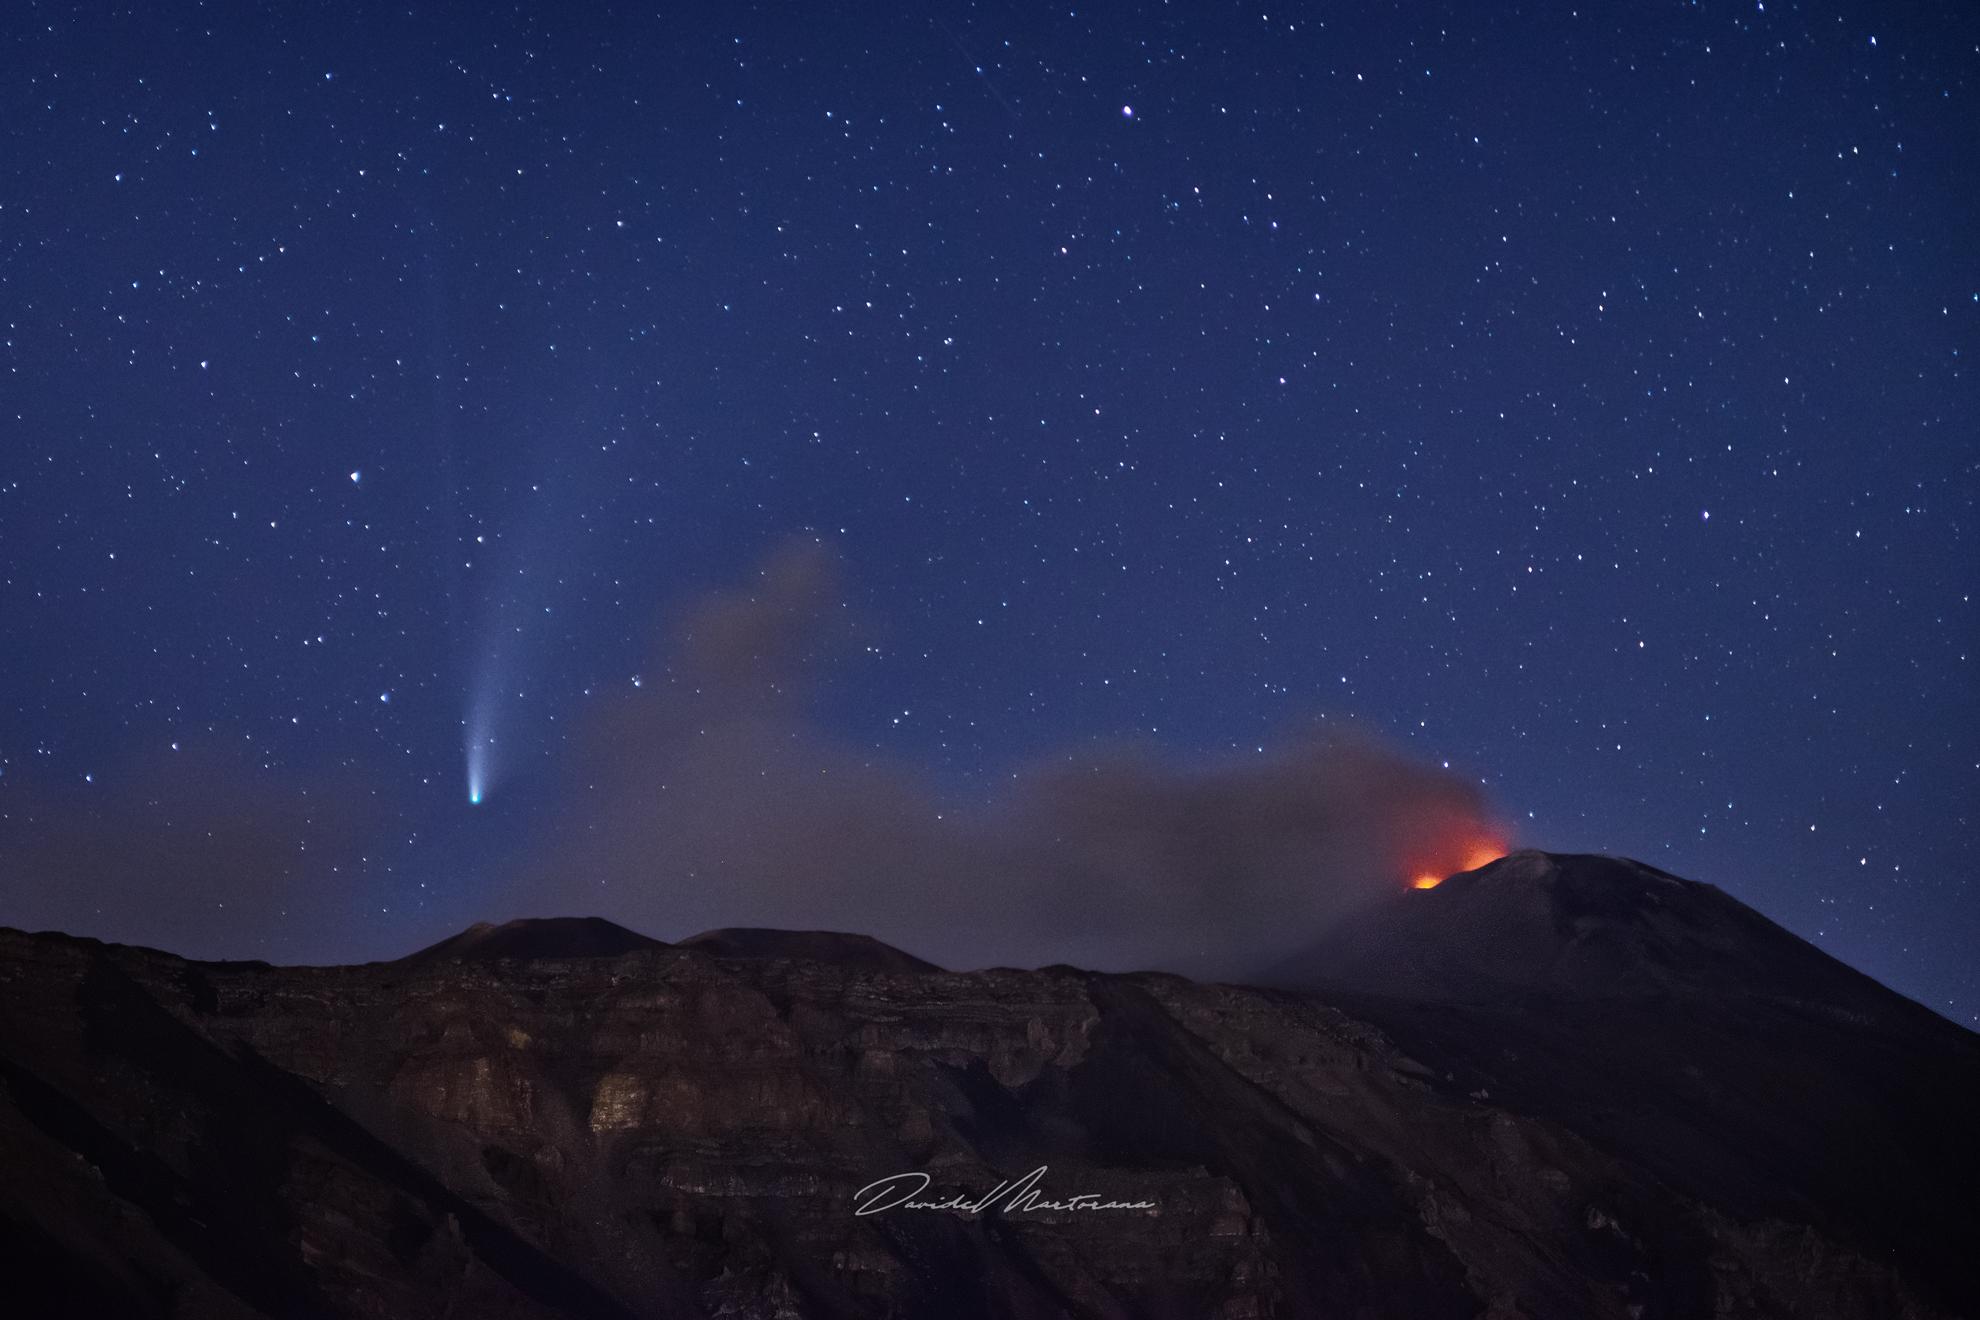 La Cometa sul Vulcano...